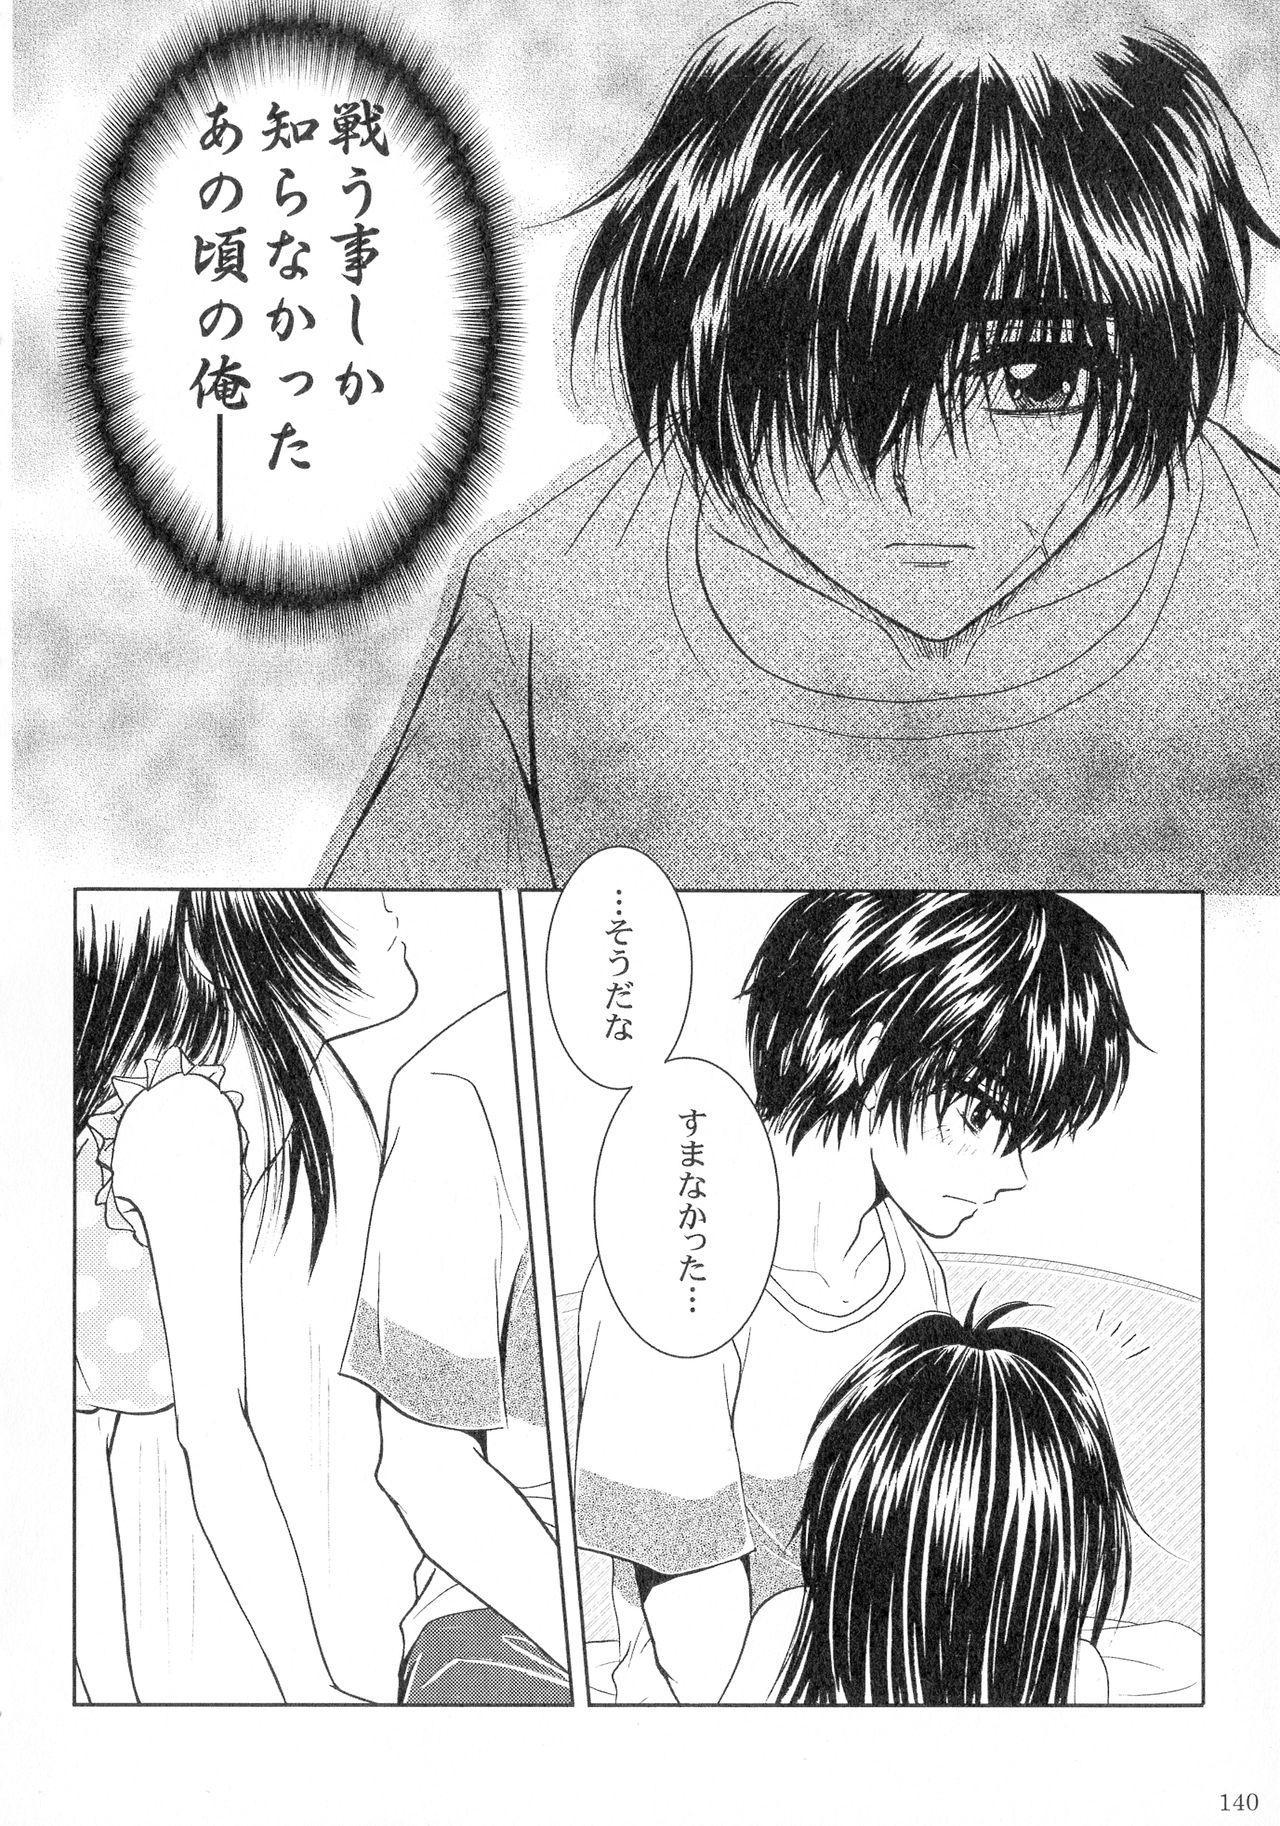 SEXY PANIC Sairoku-shuu VOL.3 138